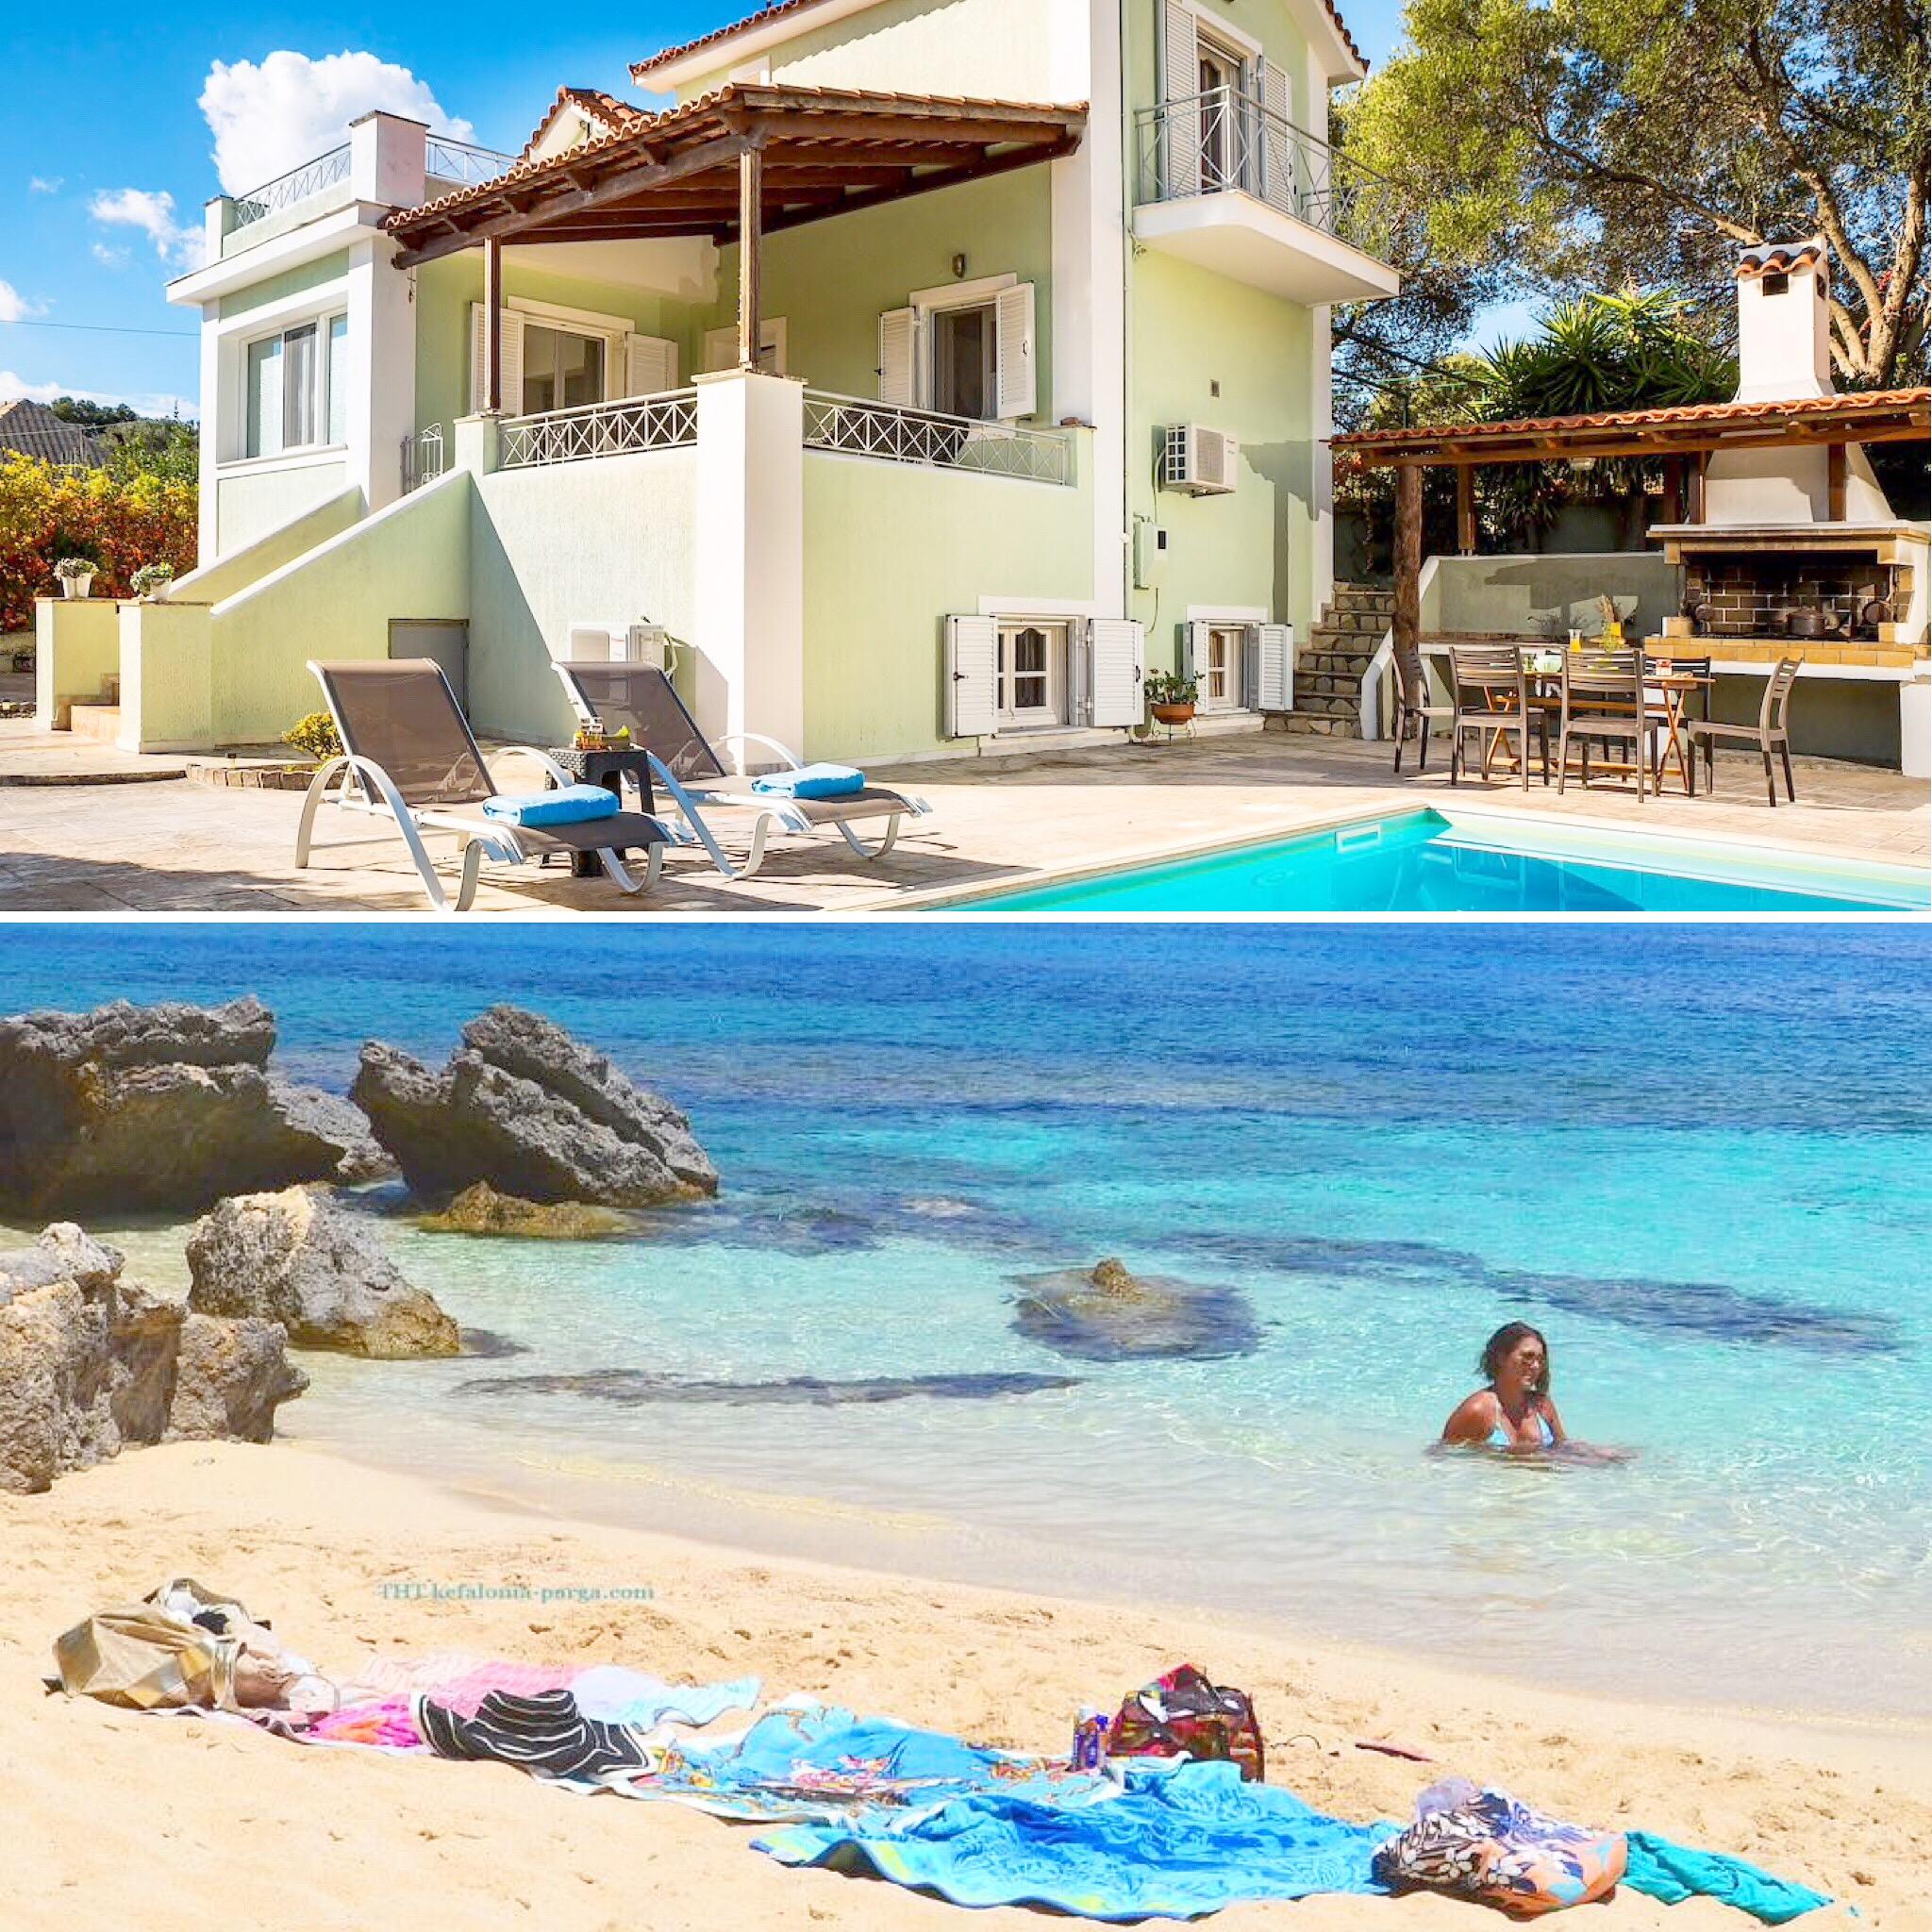 Кефалония виллы с бассейном: вилла с 5 спальнями, бассейном возле очаровательного пляжа Пессада.